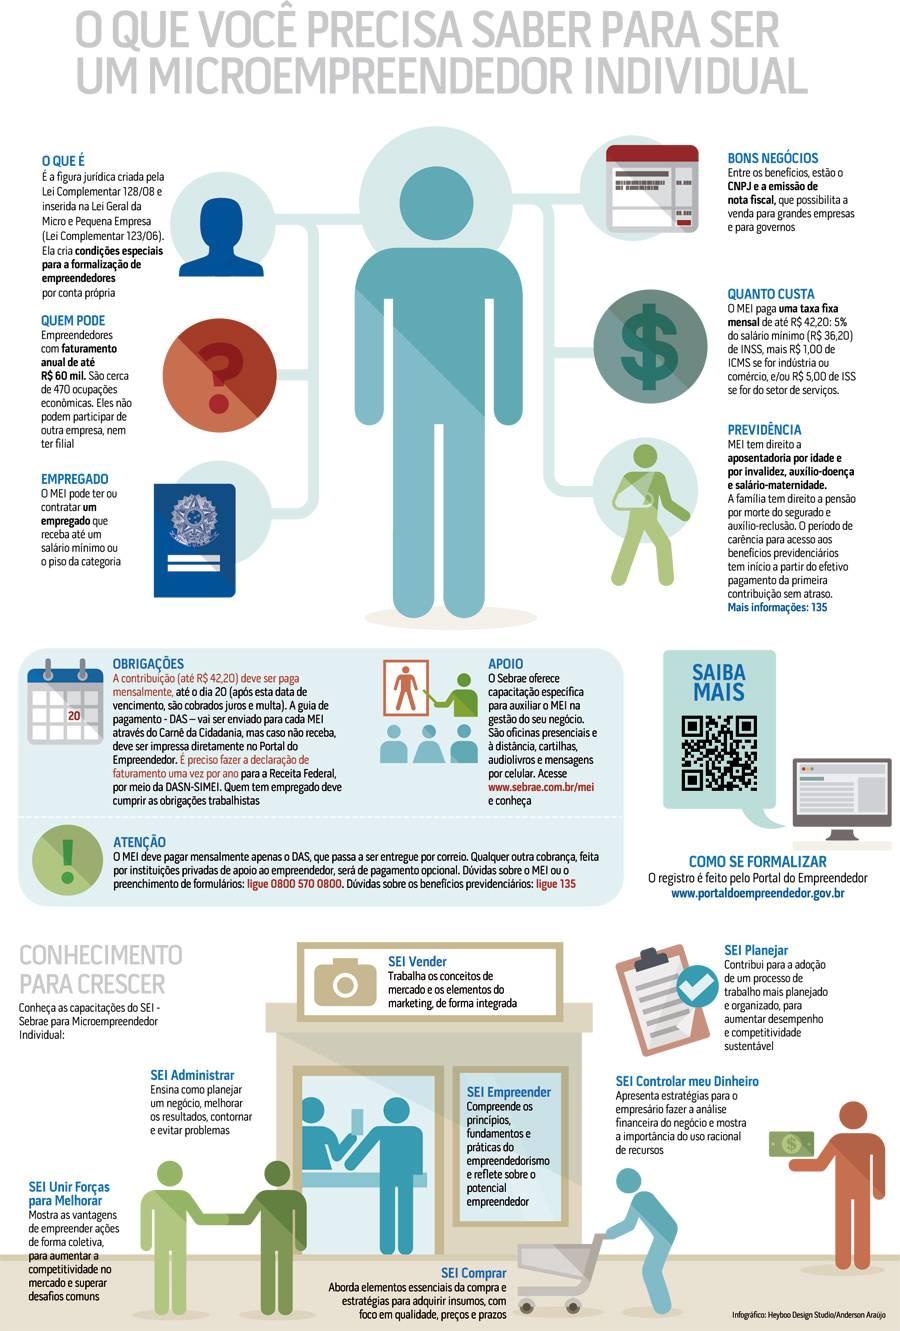 Infográfico MEI e SEI - atualizado em março de 2014